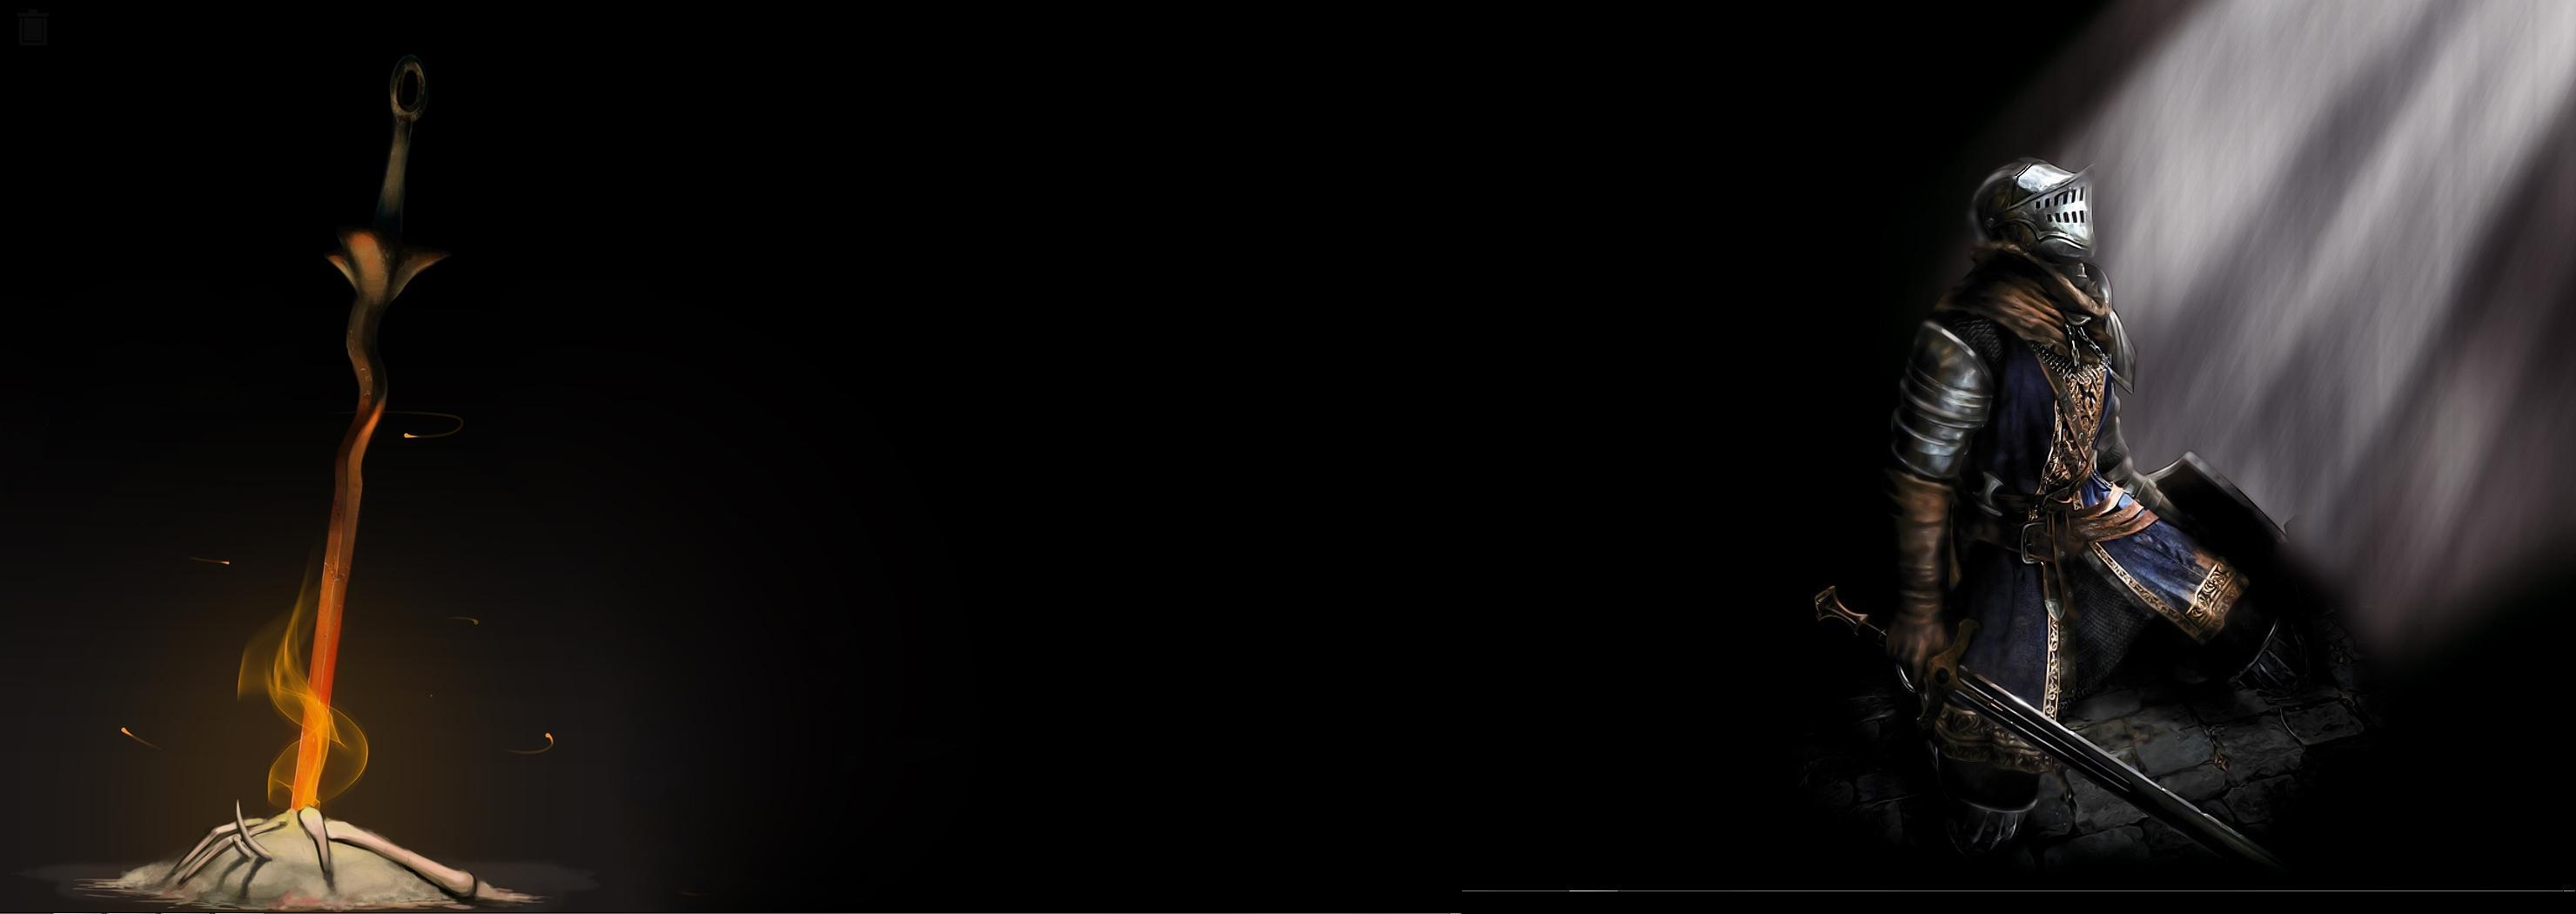 Dark Dual Screen Wallpapers Top Free Dark Dual Screen